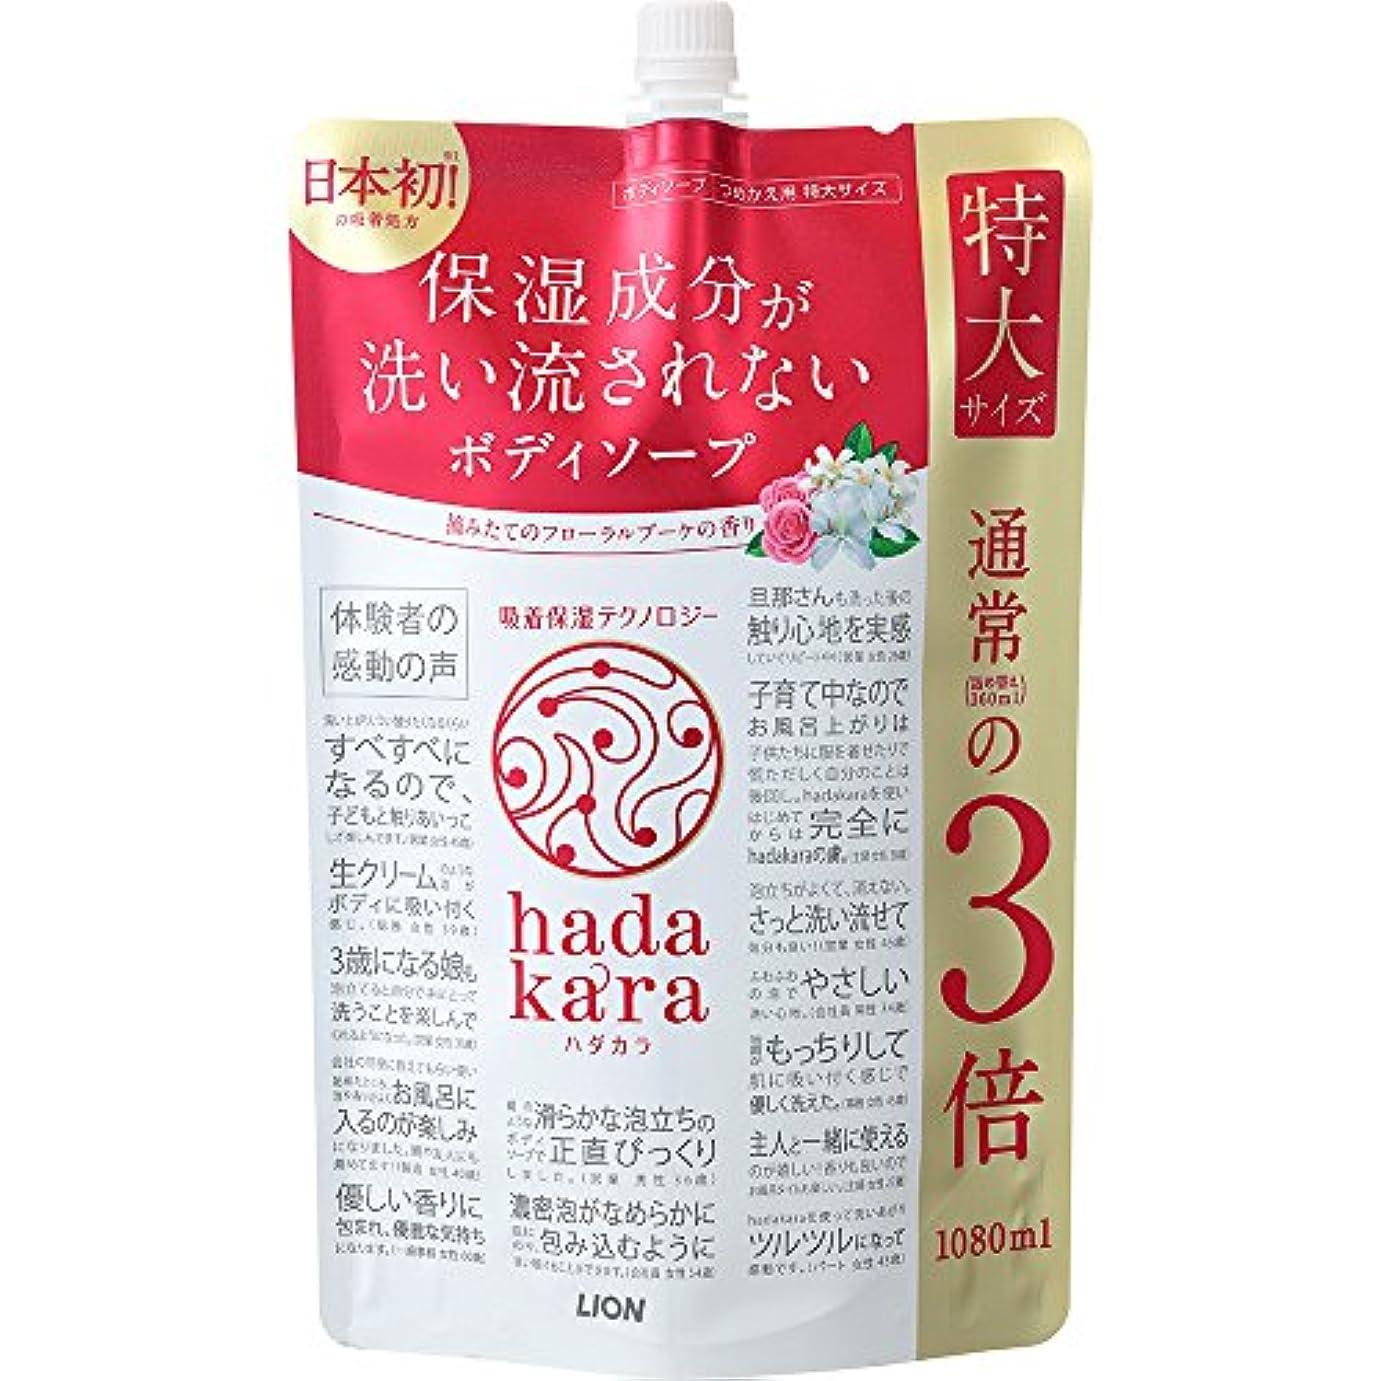 運河ボウル現金【大容量】hadakara(ハダカラ) ボディソープ フローラルブーケの香り 詰め替え 特大 1080ml